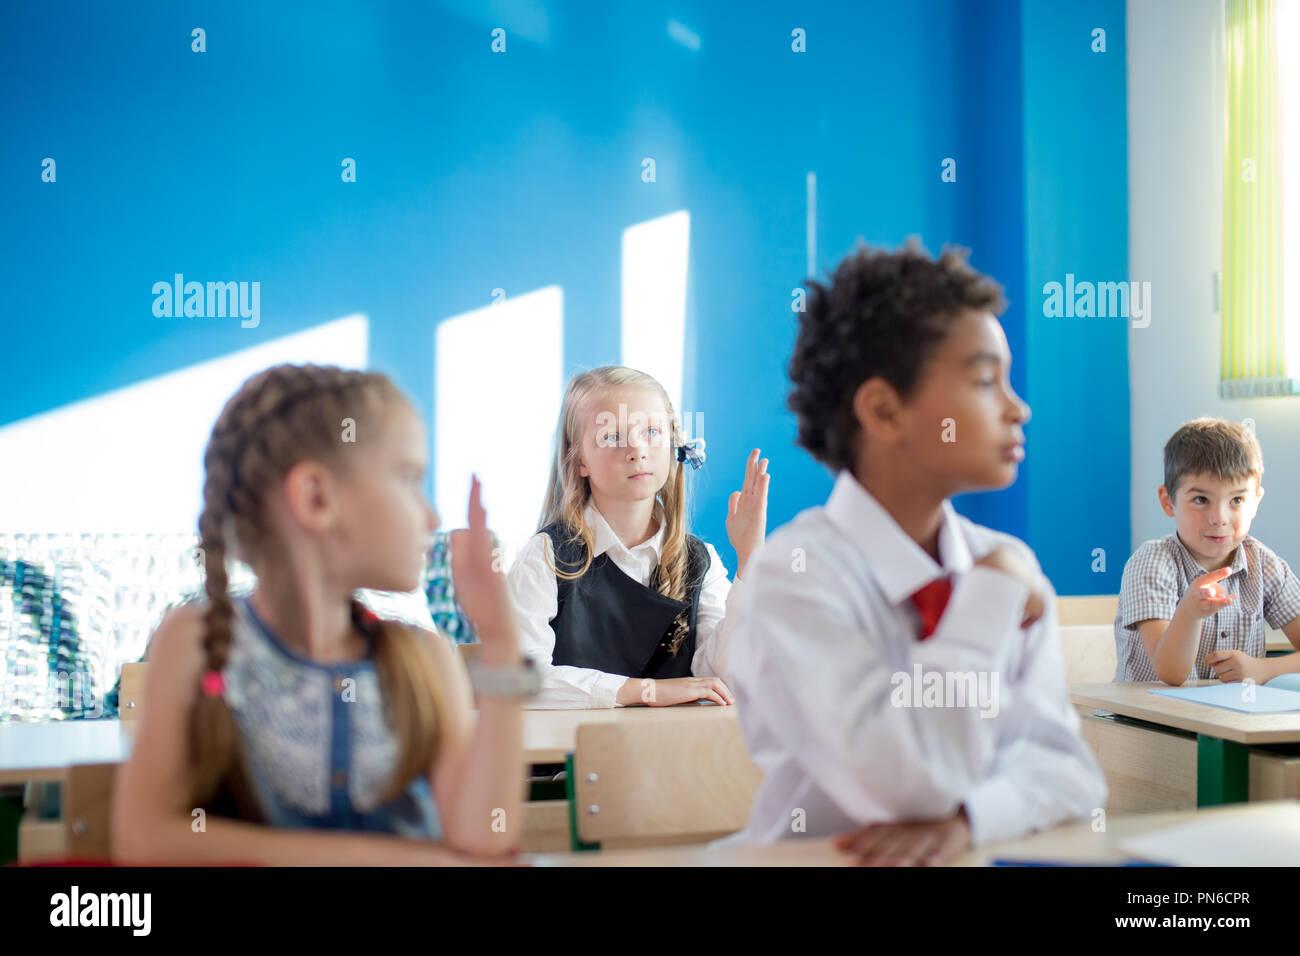 Gruppe von Schulkindern Alle heben ihre Hände in die Luft zu beantworten Stockbild